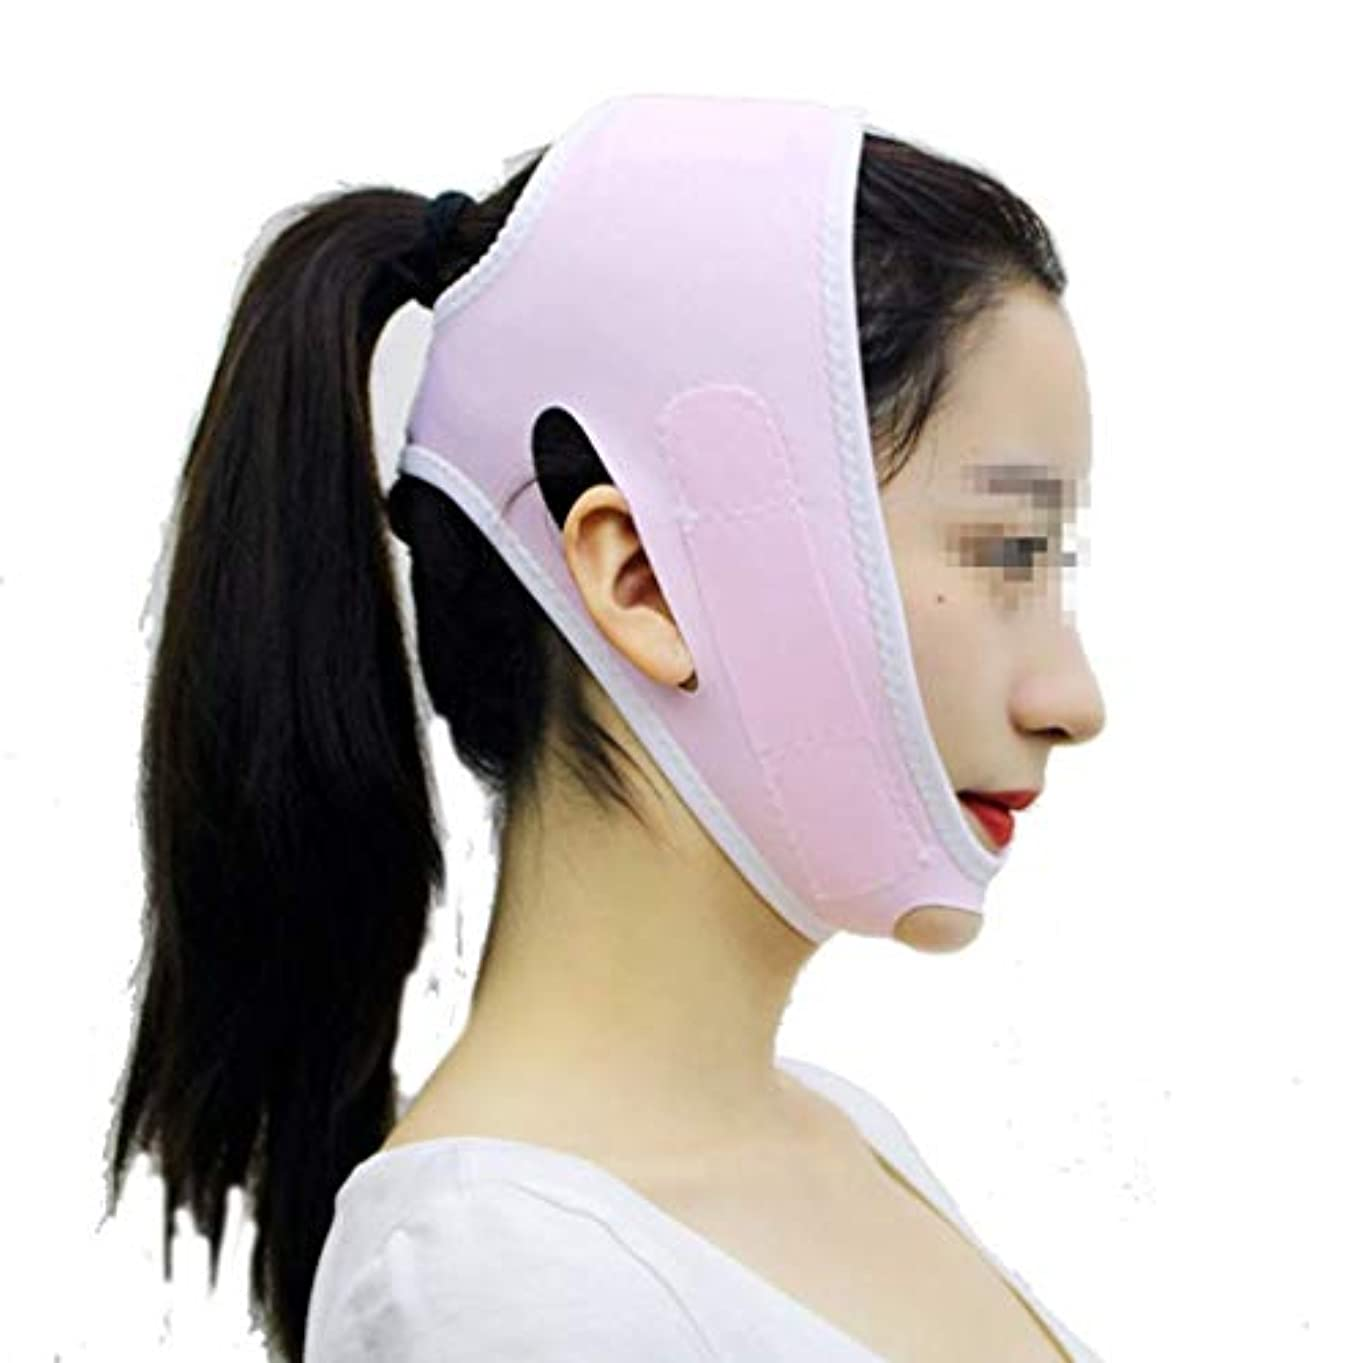 記憶収益地殻美容包帯、Vフェイス睡眠薄いフェイスマスクライン彫刻回復フードリフティング引き締めフェイスダブルチンマスクマルチカラーオプション(カラー:ピンク),ピンク